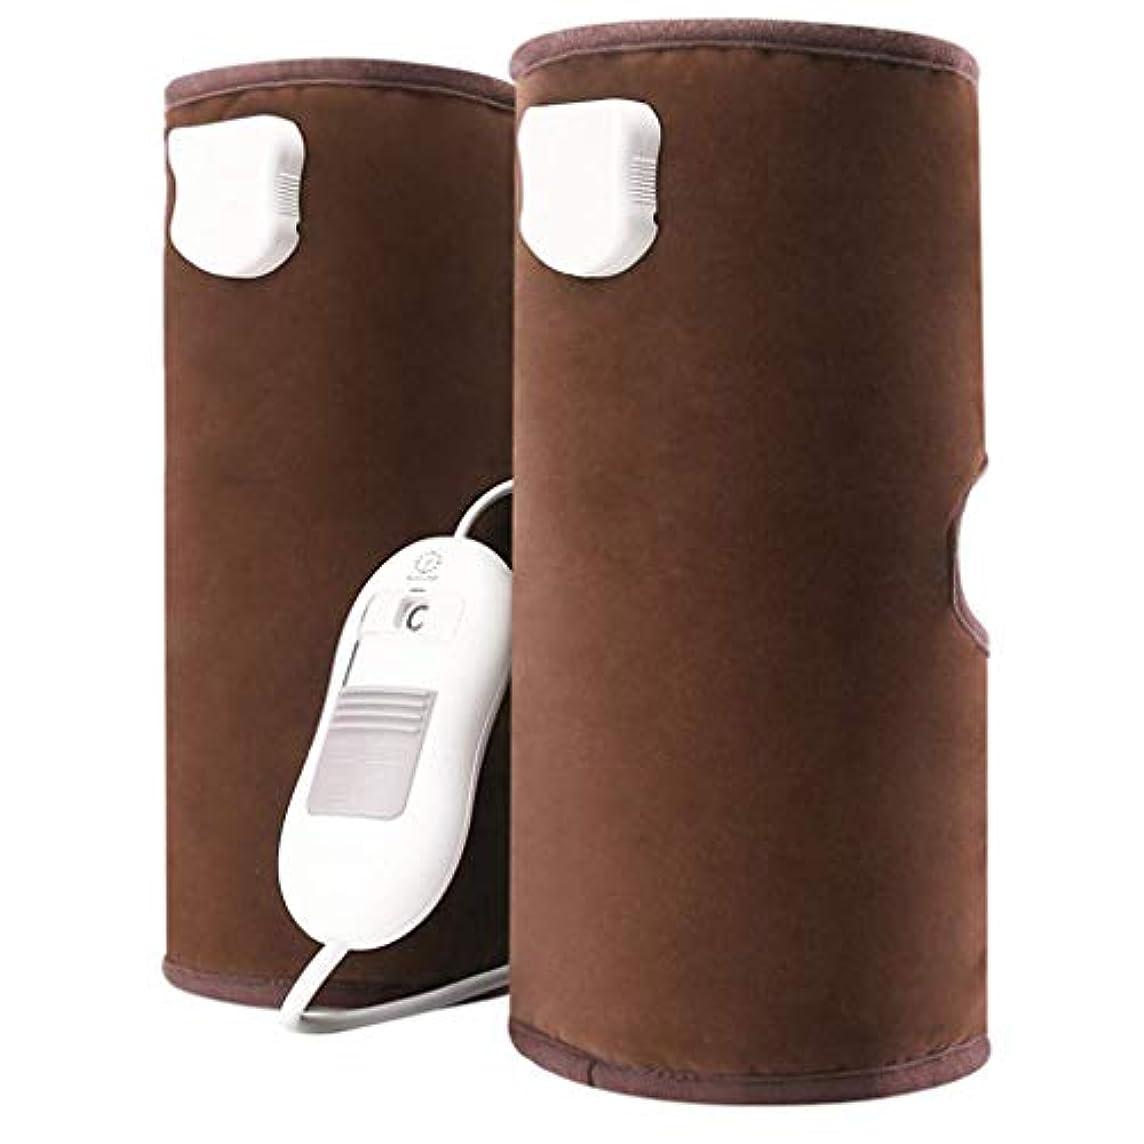 ラップ隣人研磨循環と筋肉の痛みを軽減するための電熱膝パッド空気圧縮脚マッサージ、(青、赤、茶色)父の日ギフト,Brown